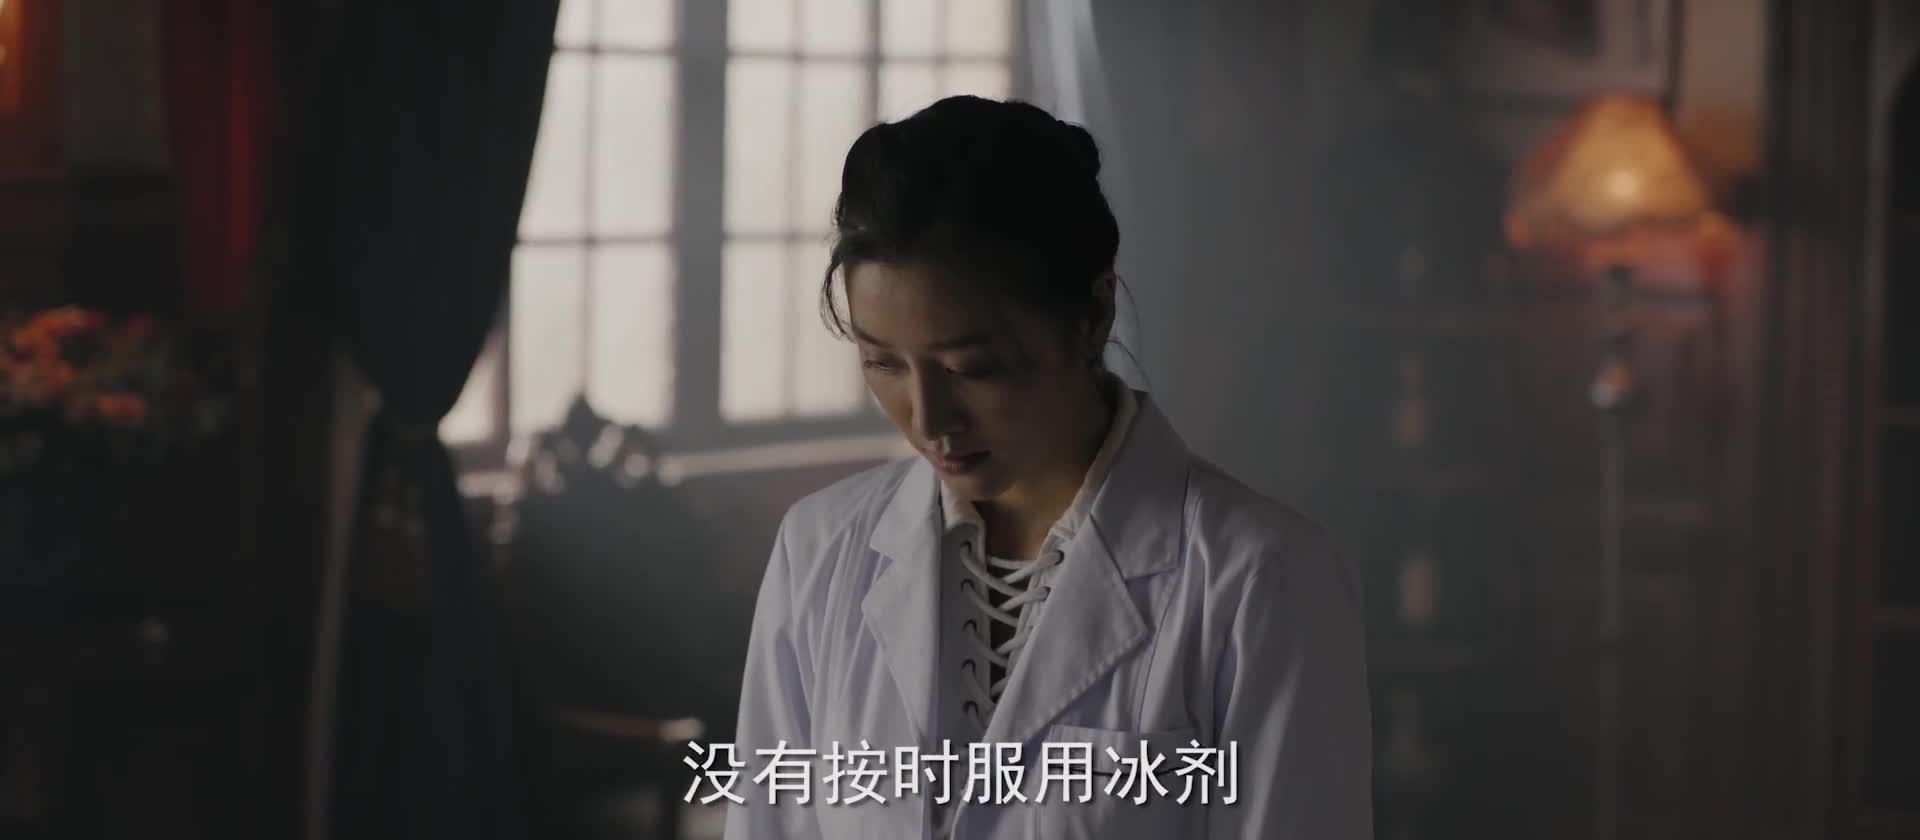 洋人用中国人做实验,女子吓坏了,新来了漂亮女子面试